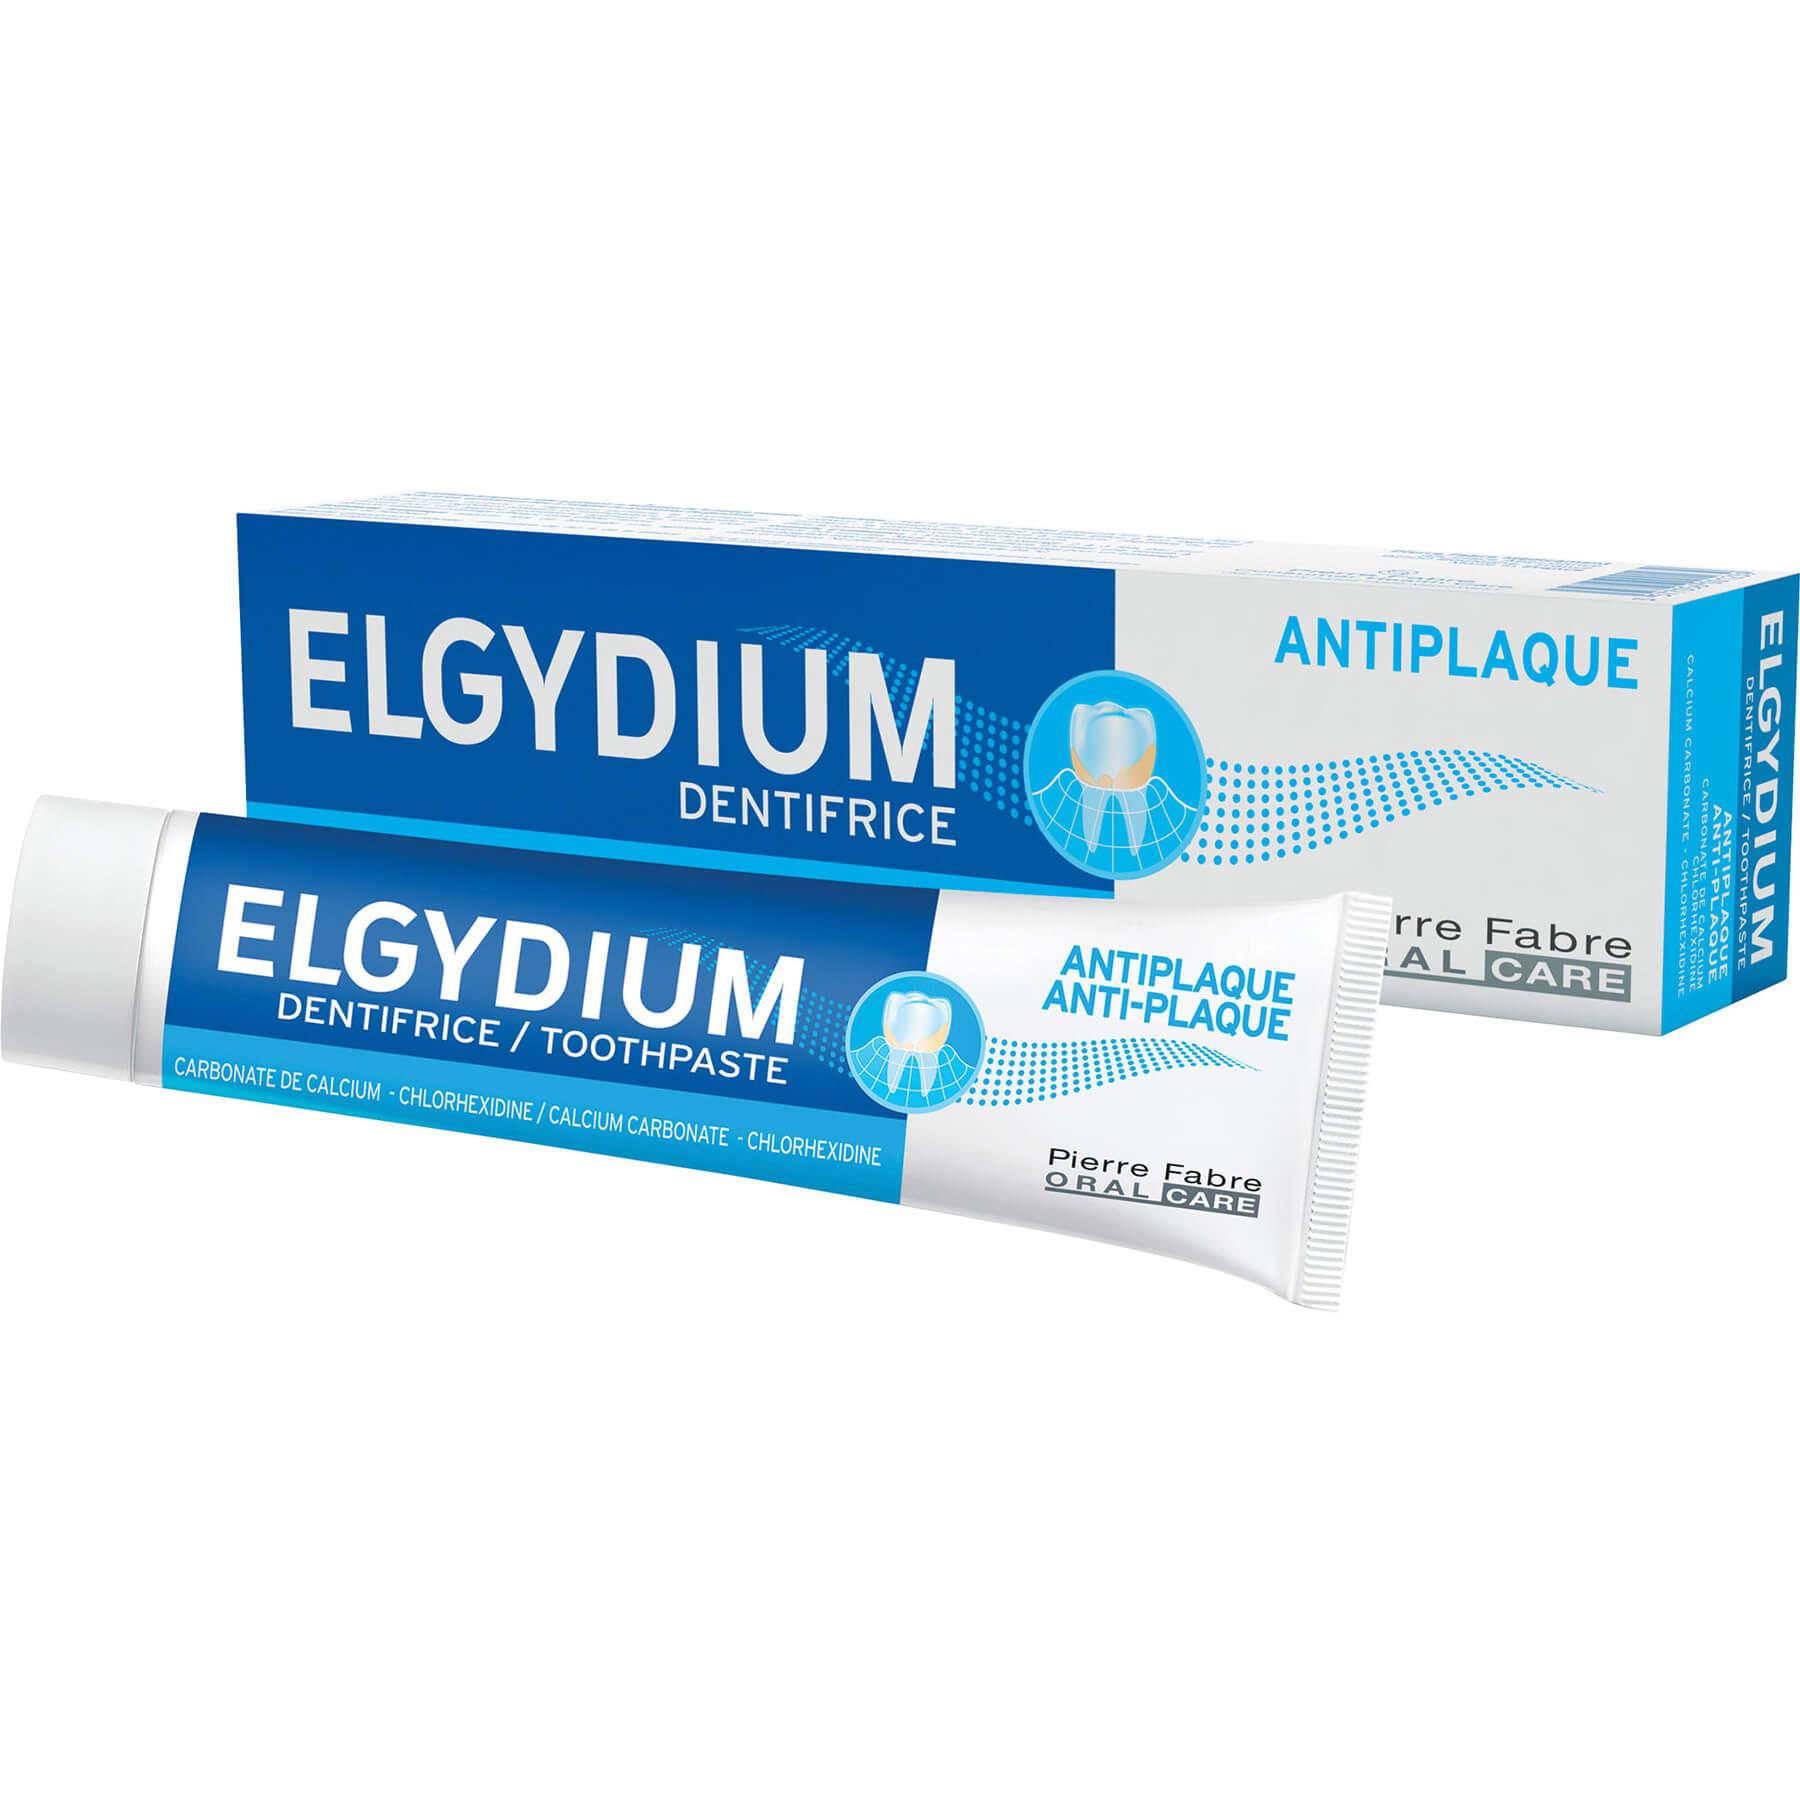 Elgydium Antiplaque Οδοντόπαστα 50ml